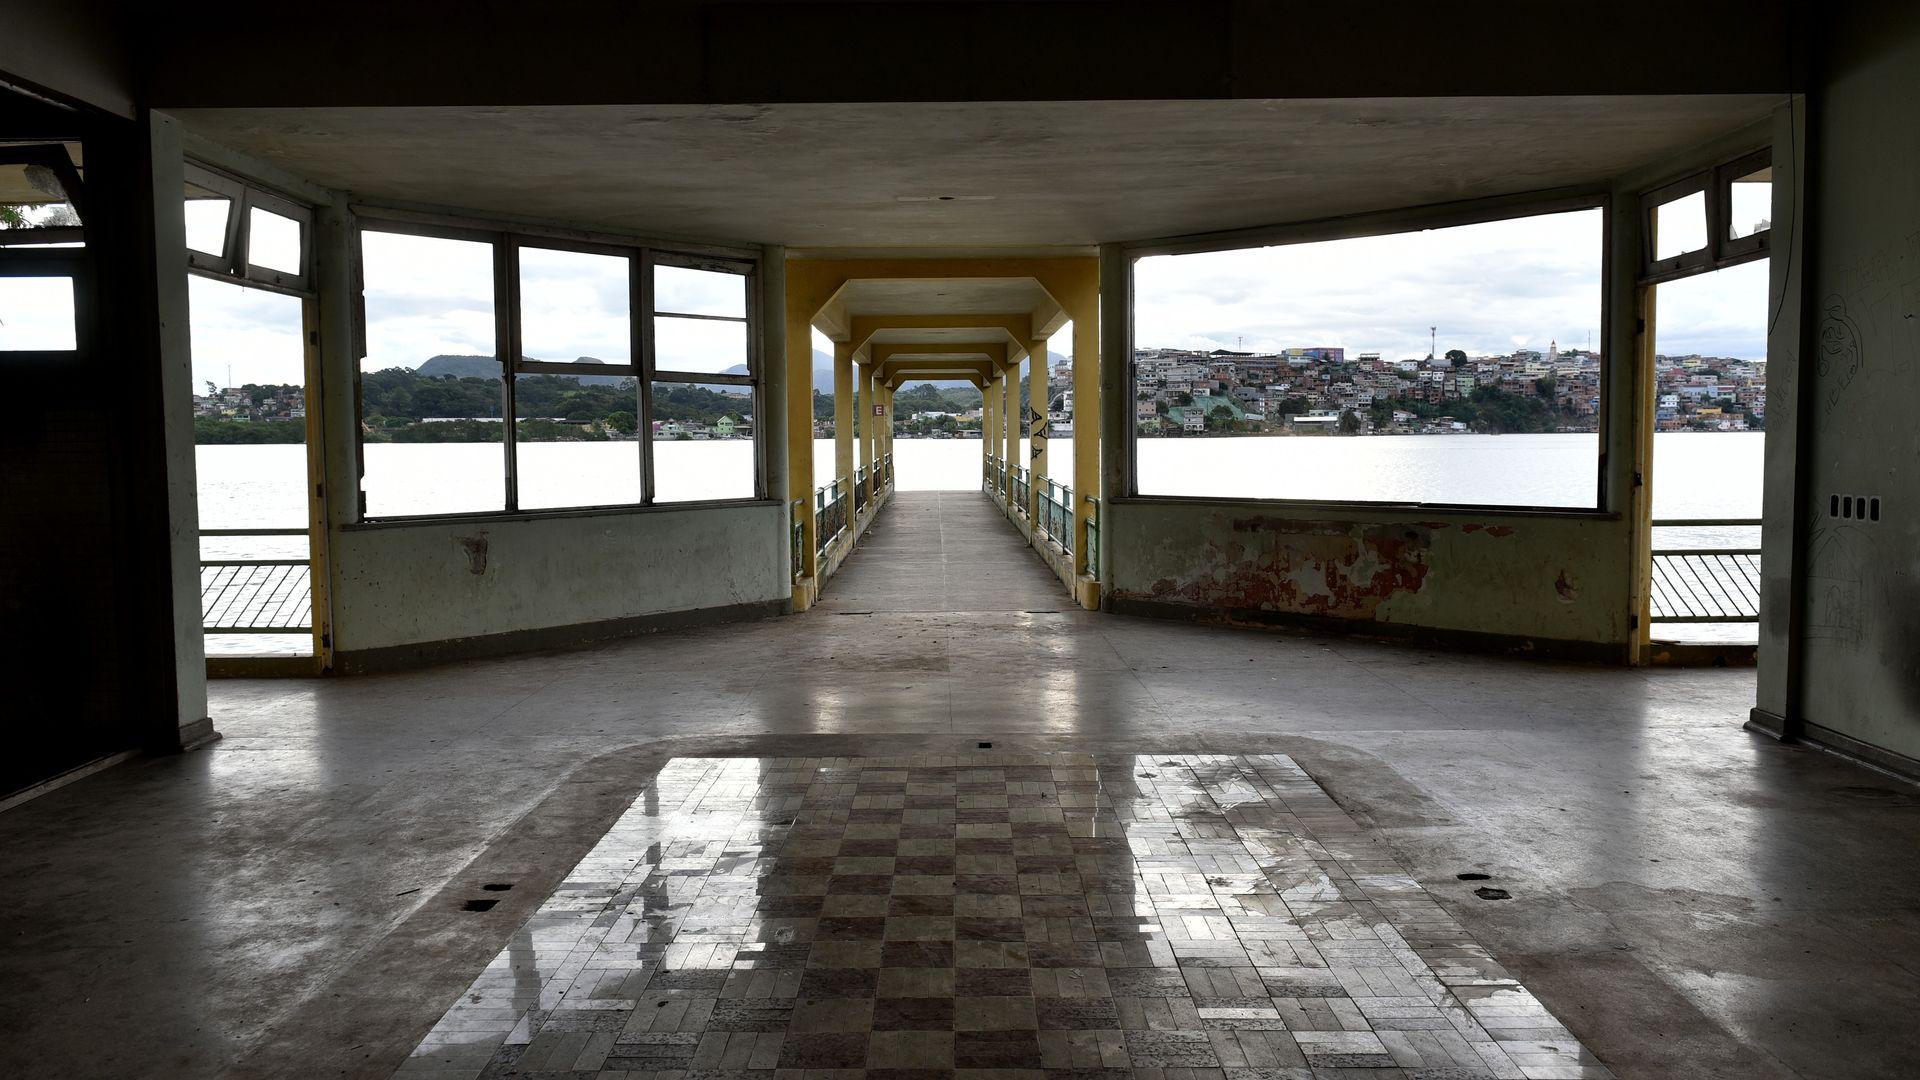 Prédio do Cais do Hidroavião, o primeiro aeroporto do Estado, encontra-se abandonado